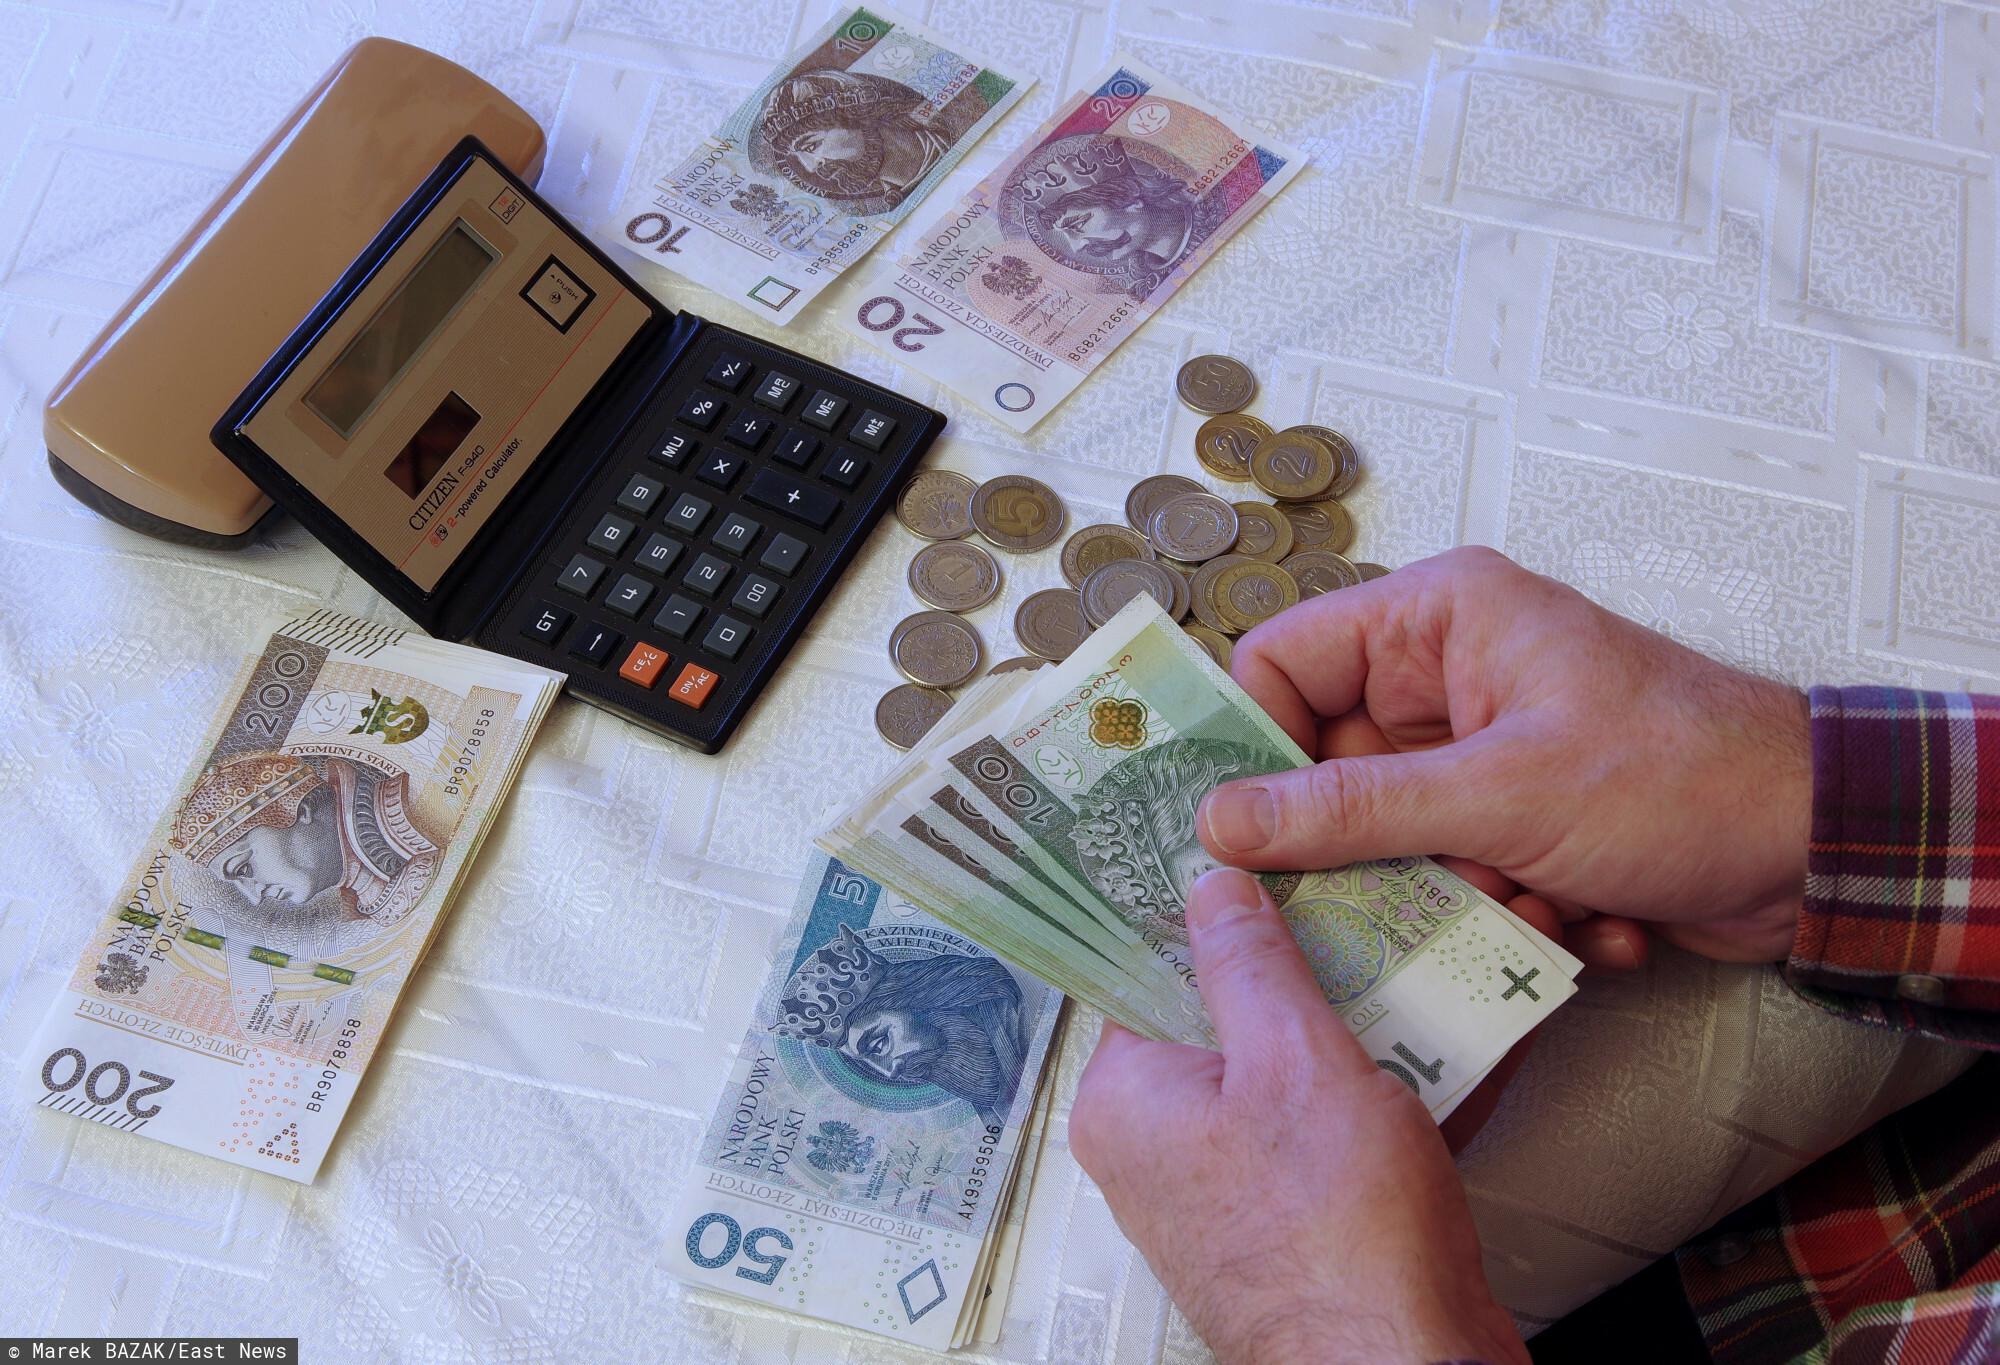 PHOTO: ZOFIA I MAREK BAZAK / EAST NEWS N/Z Obliczanie domowego budzetu, miesieczne koszty utrzymania